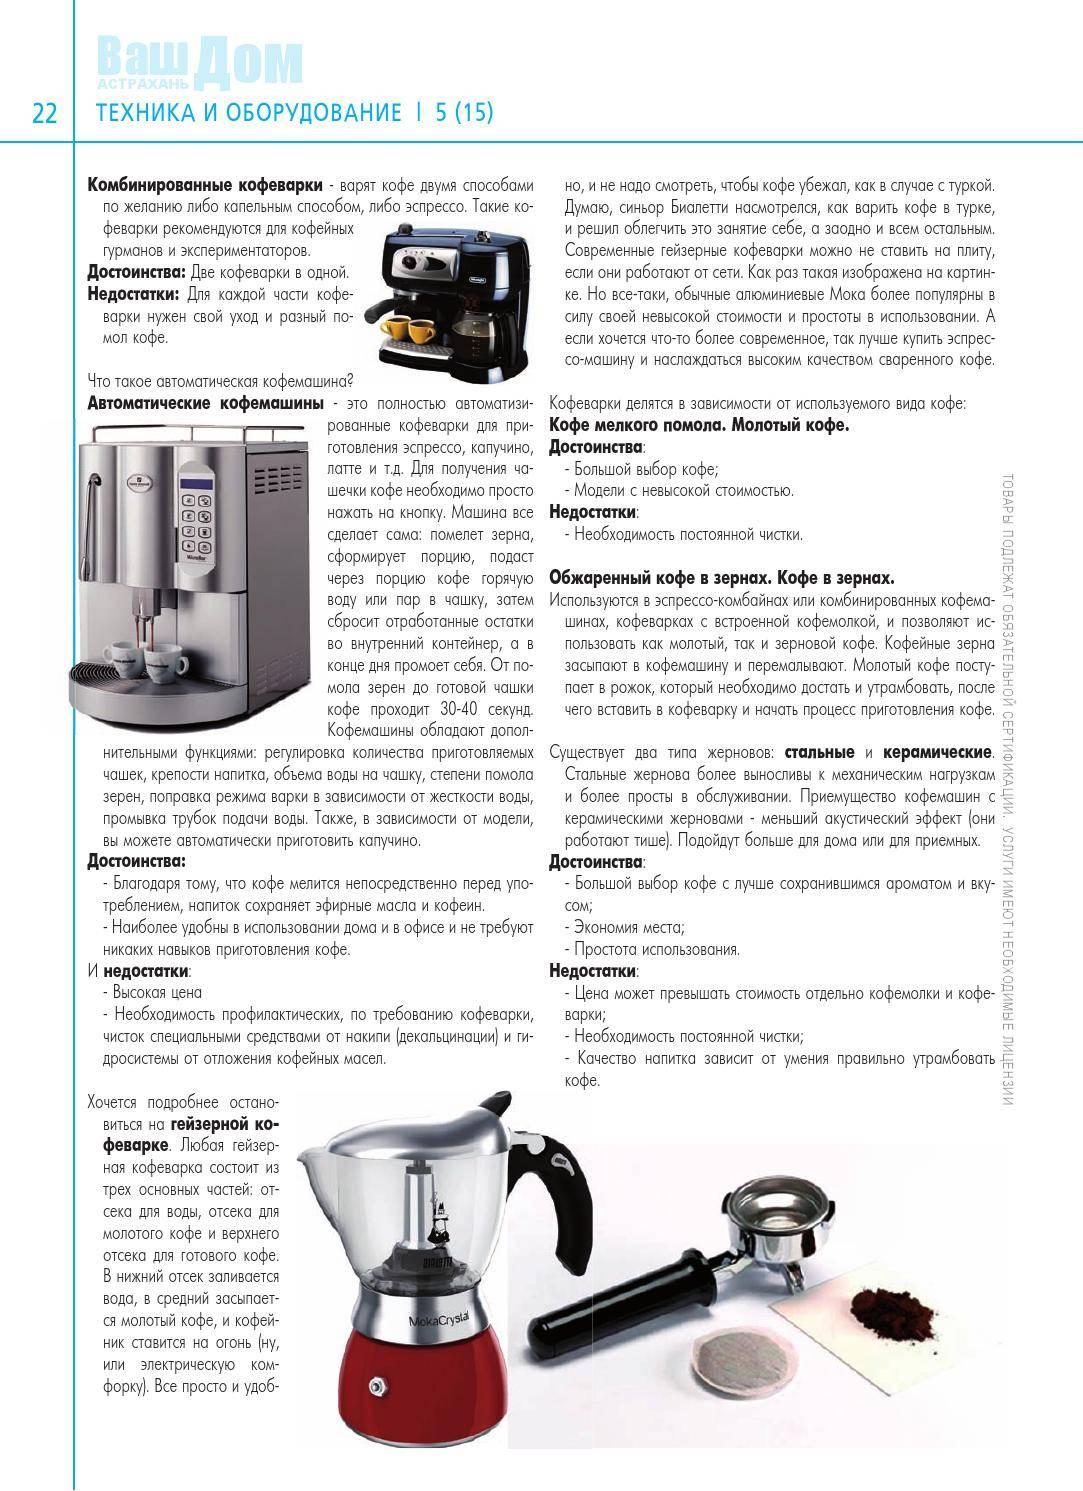 Способы приготовить кофе с пенкой в домашних условиях